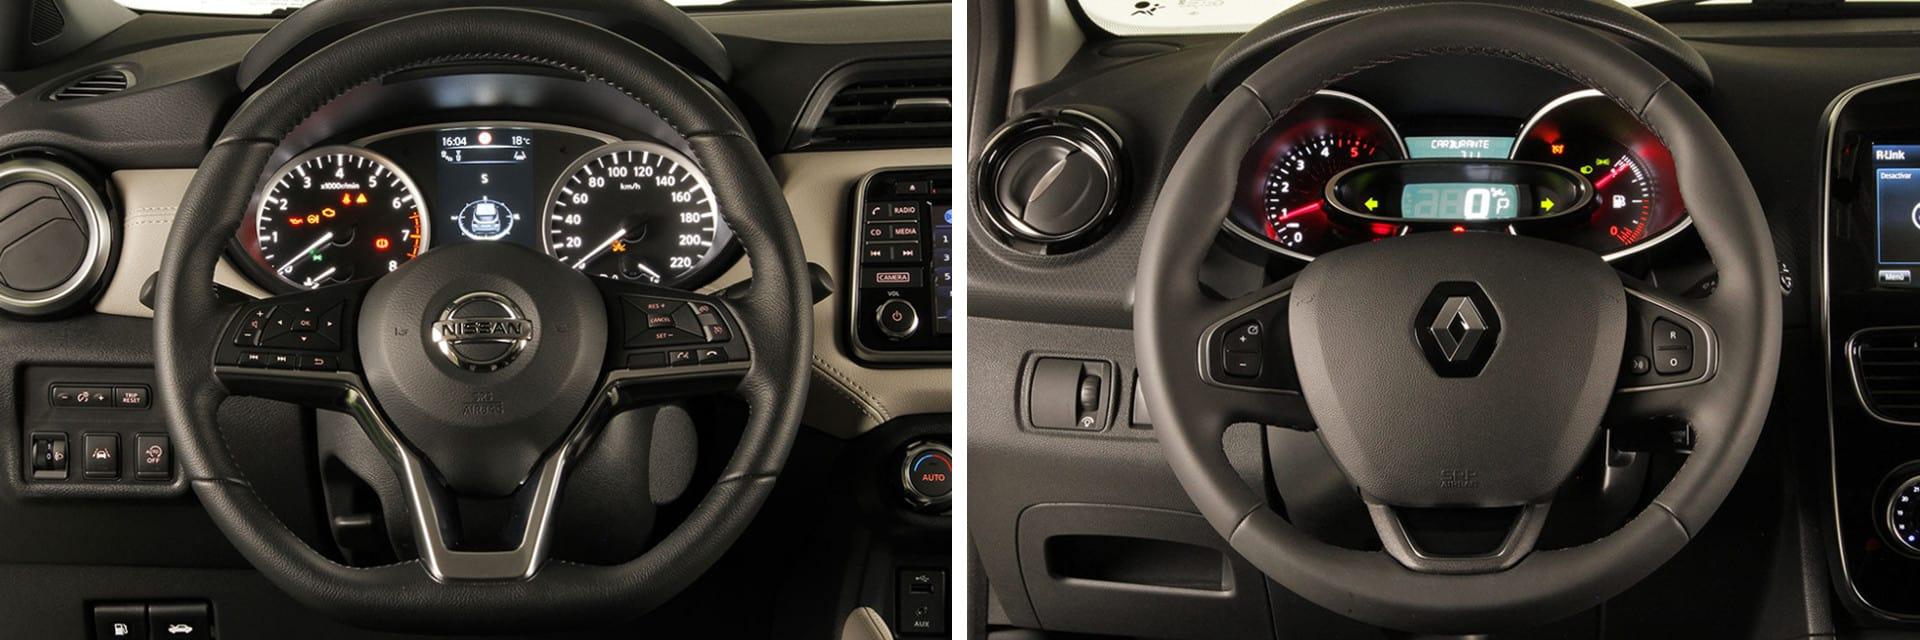 Personas de diferentes tallas pueden encontrar con facilidad una buena posición de conducción en ambos coches.